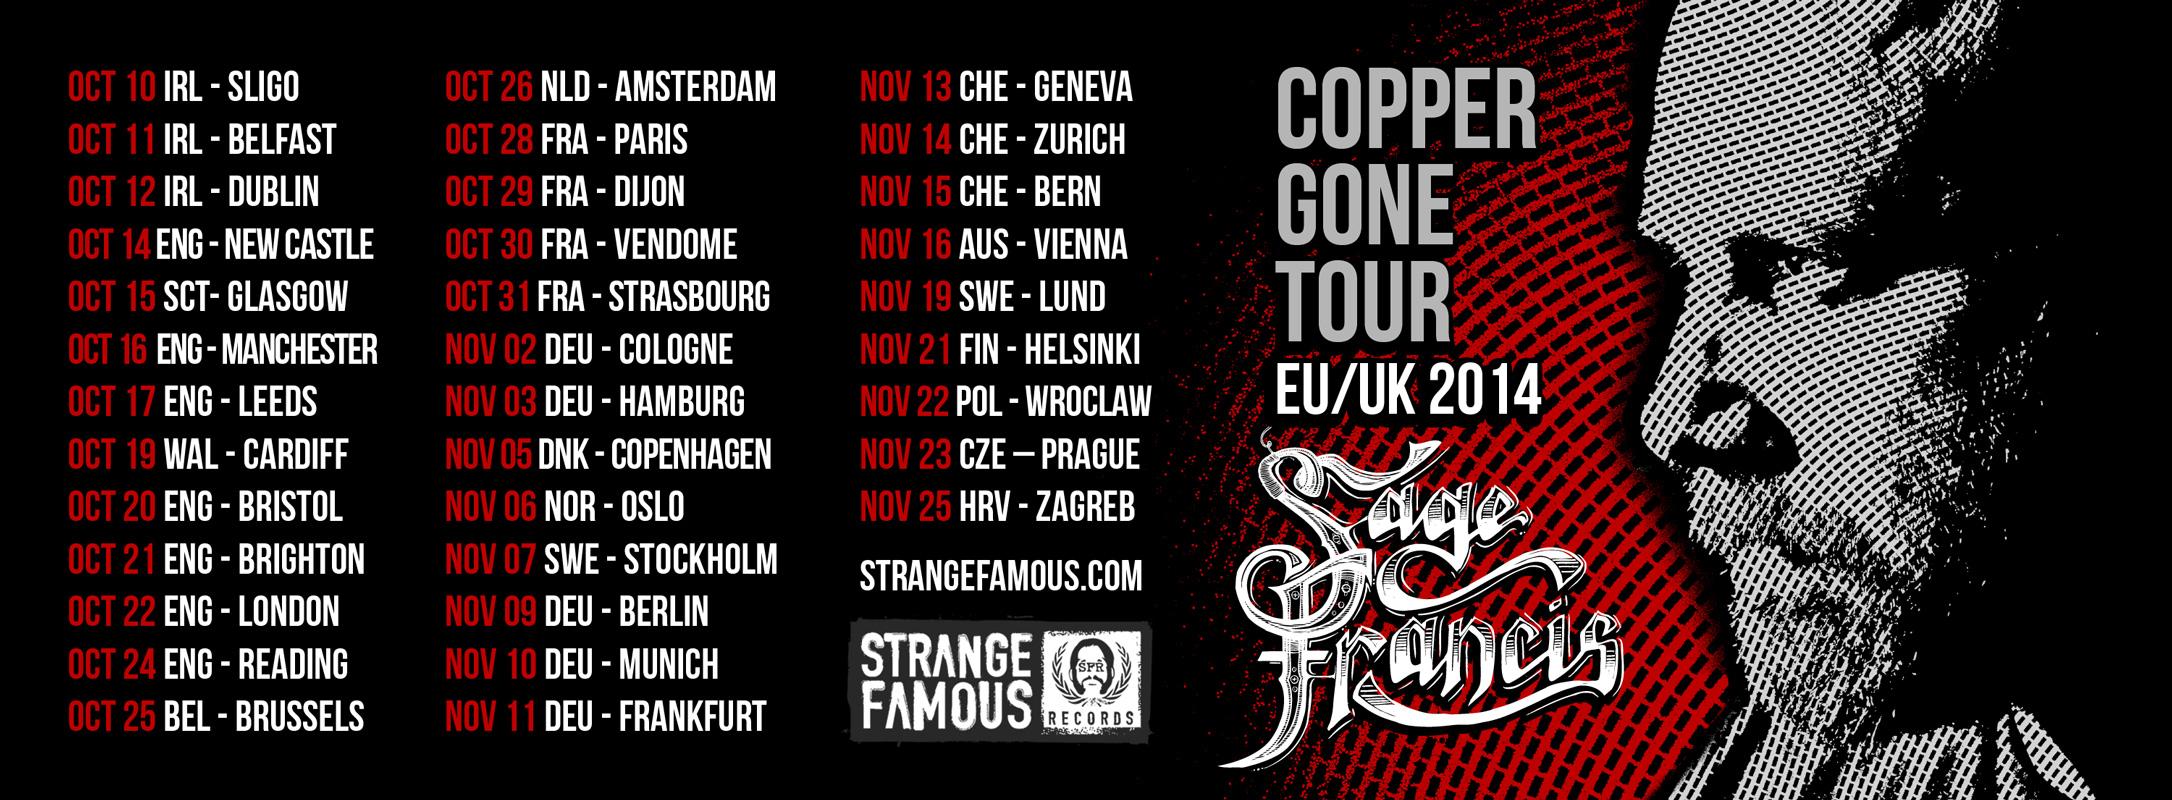 SAGE FRANCIS TOUR 2014